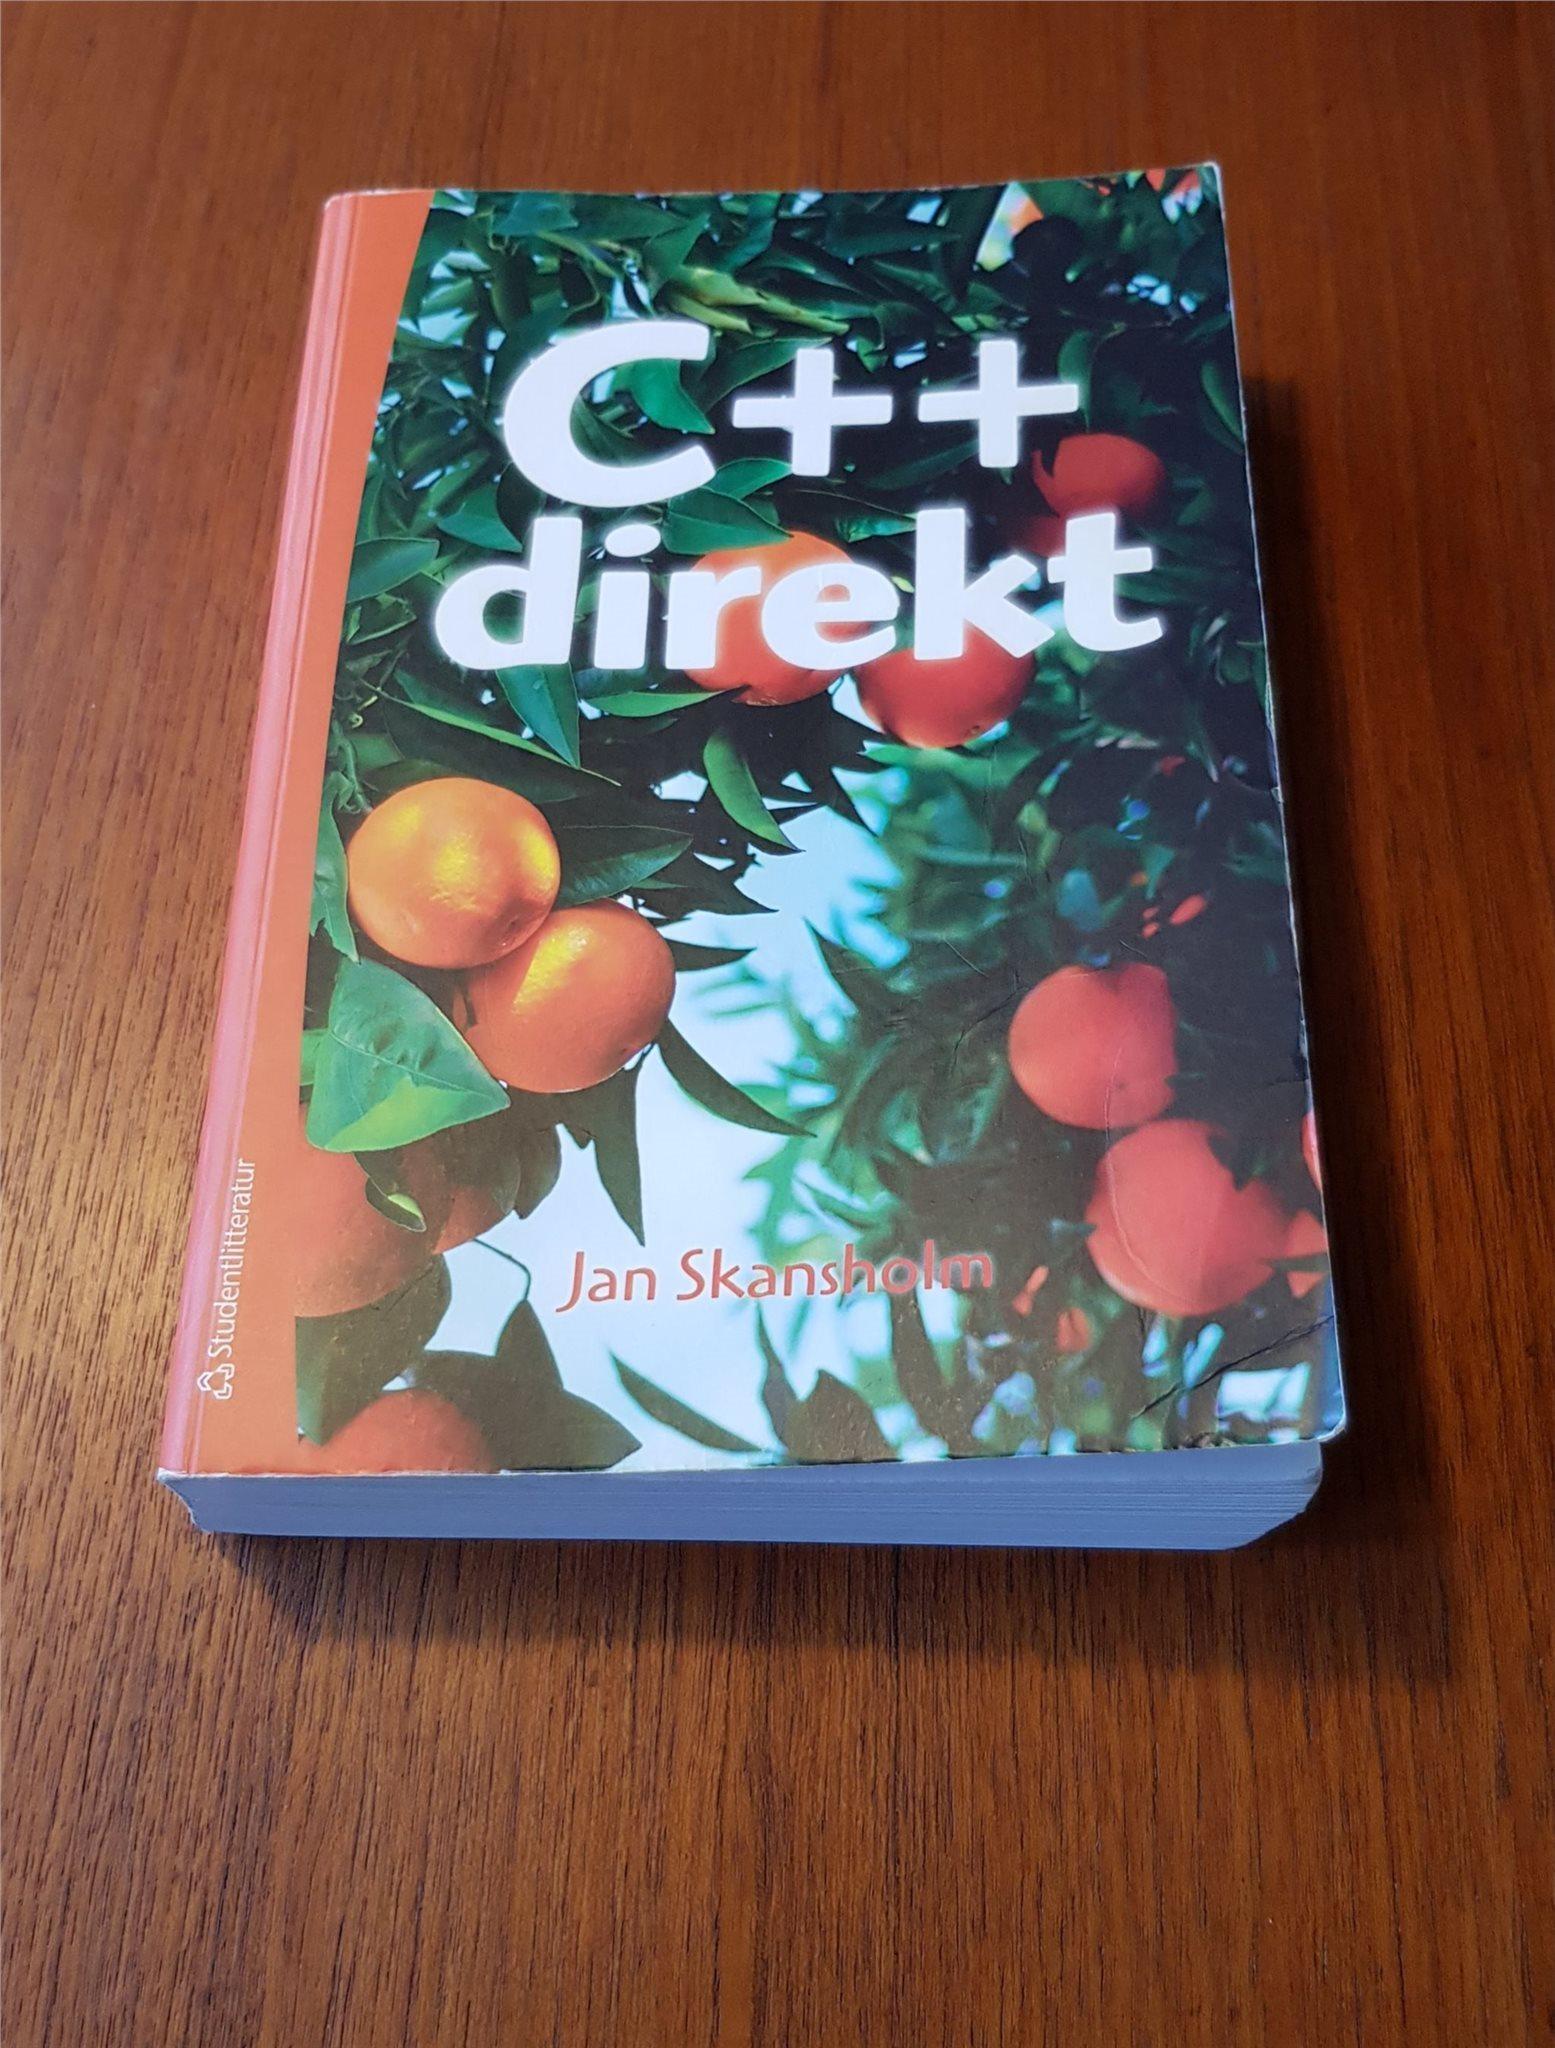 C++ Direkt trödje upplagan av Jan Skansholm ISBN 9789144076034